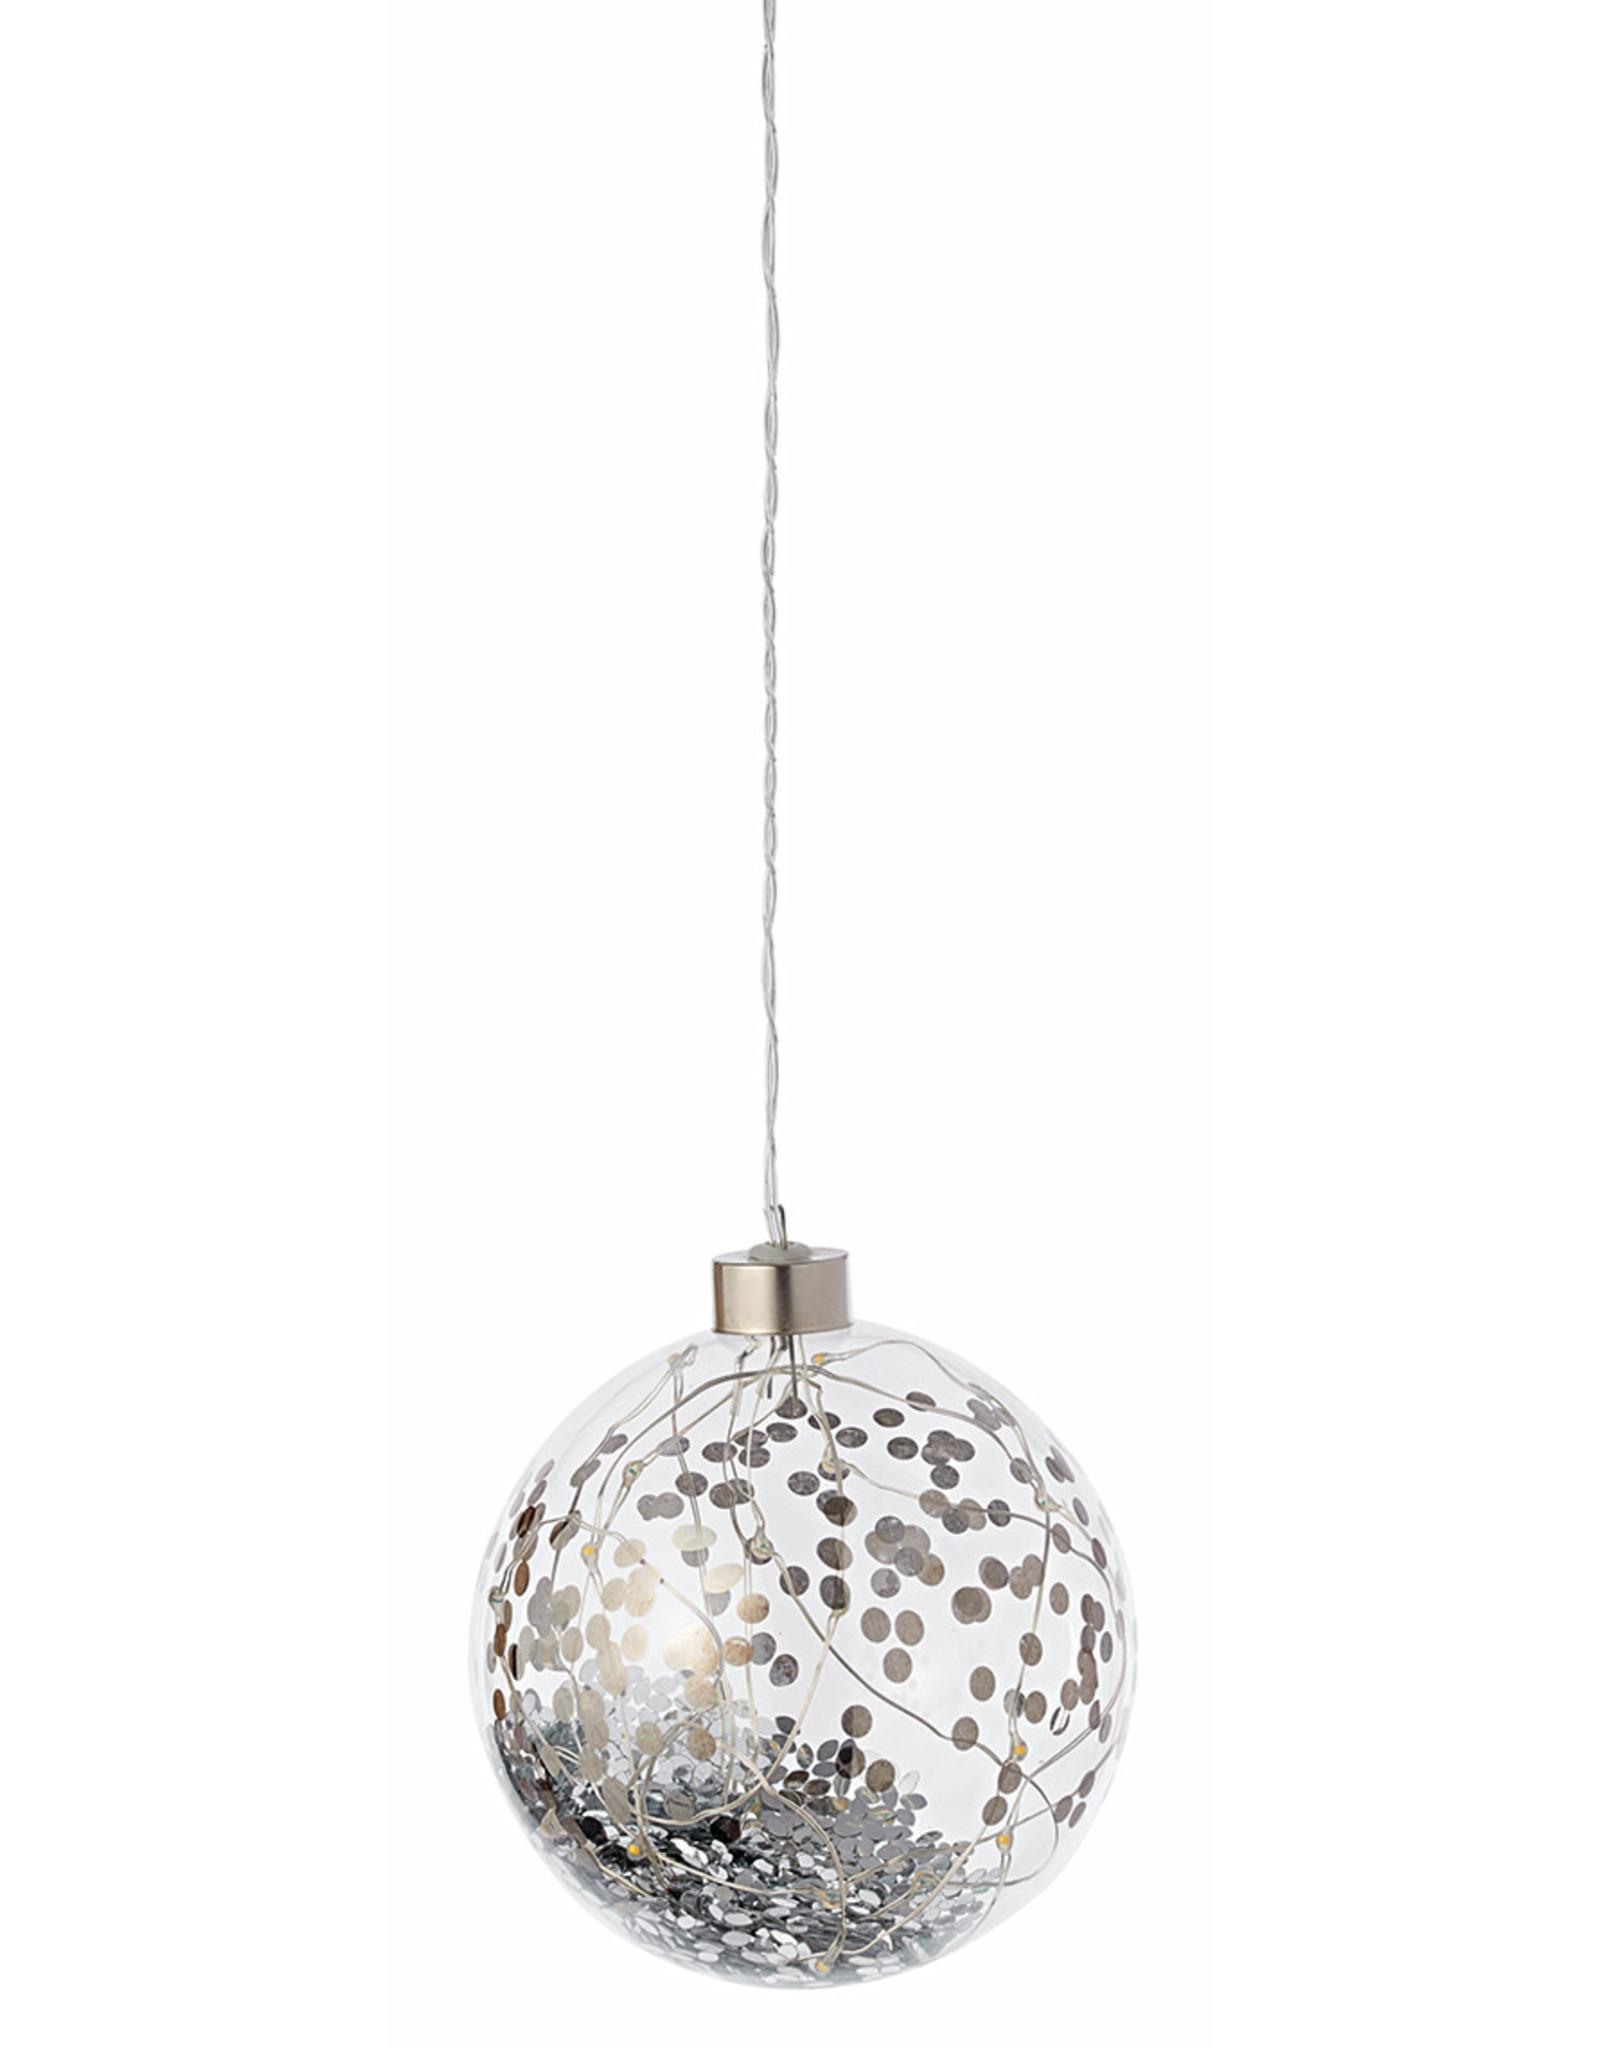 Räder Rader - Dream light ball silver